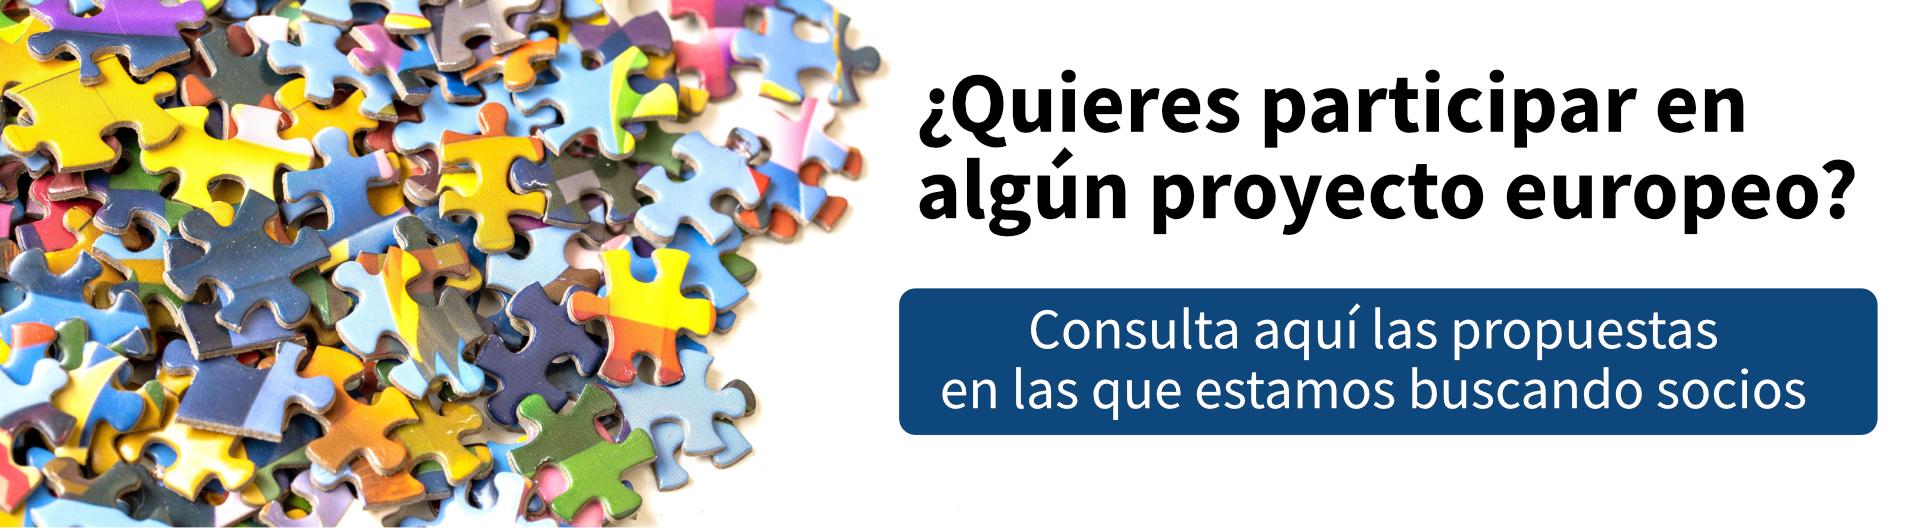 Quieres participar en algún proyecto europeo? Consulta aquí las propuestas en las que estamos buscando socios